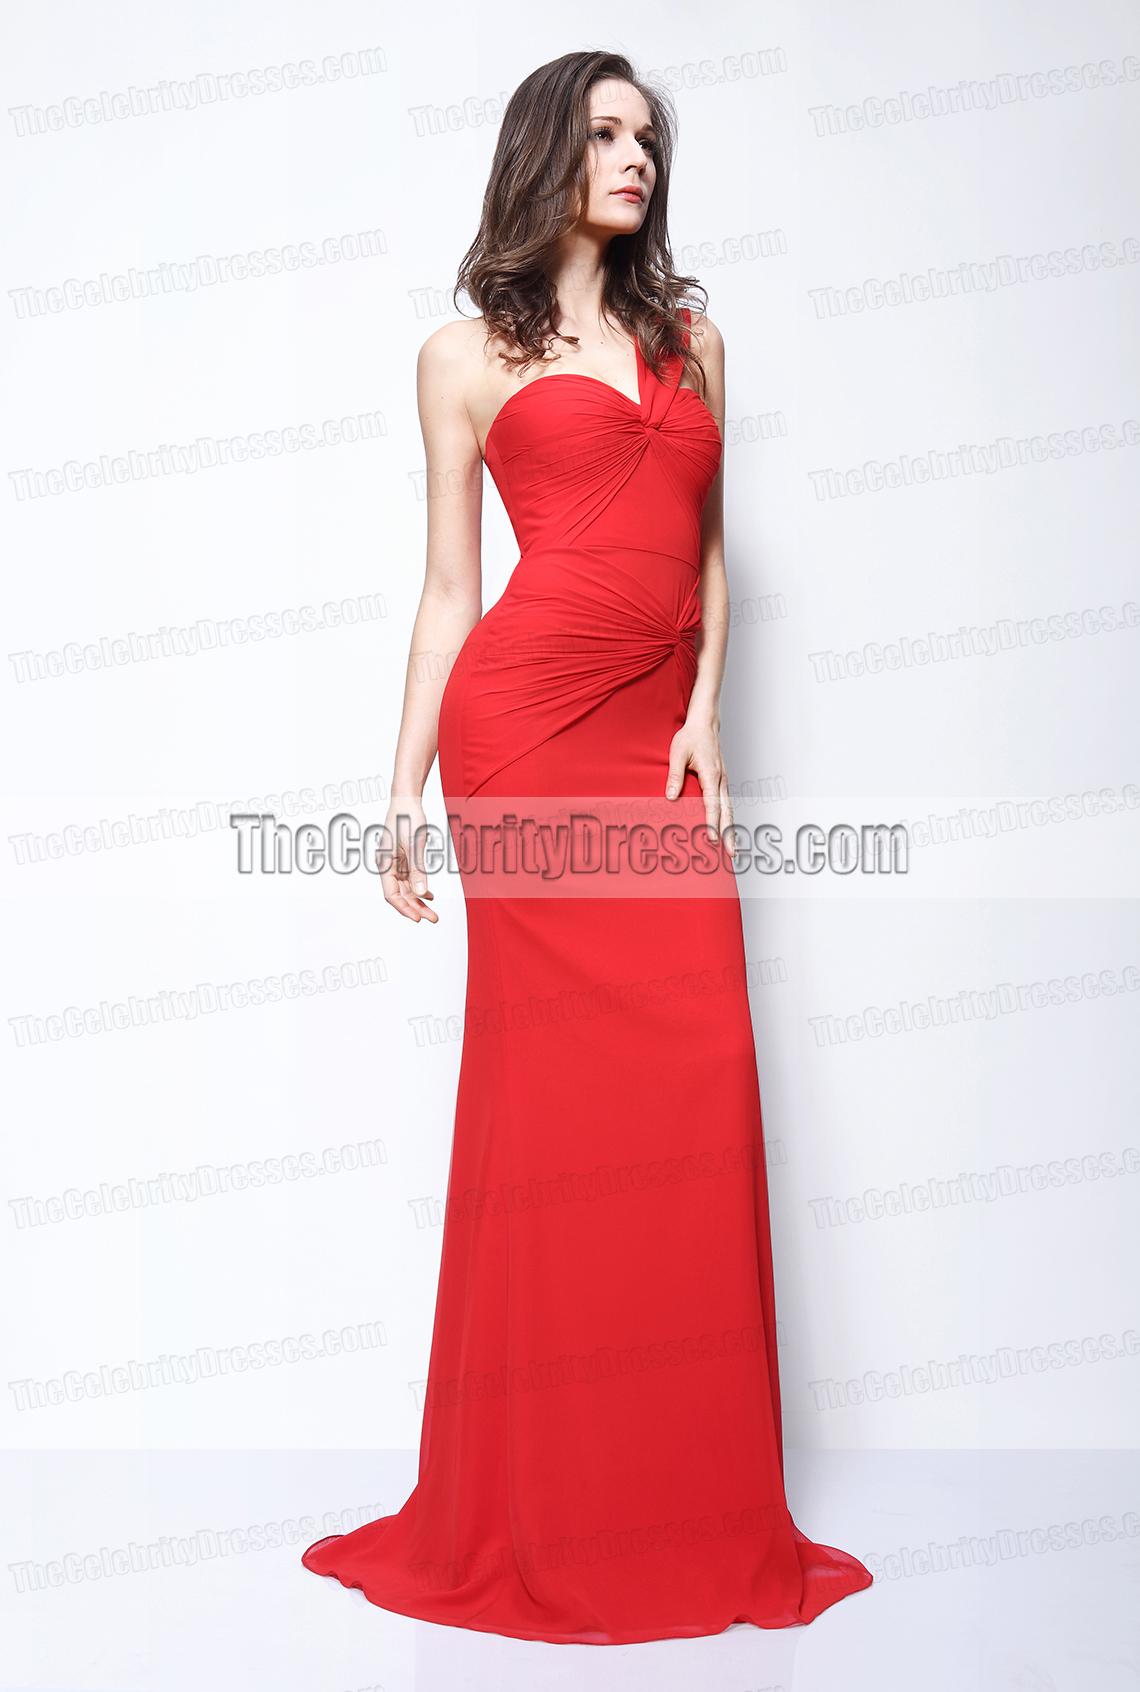 Kim kardashian red one shoulder prom gown evening dress red carpet thecelebritydresses - Designer dresses red carpet ...